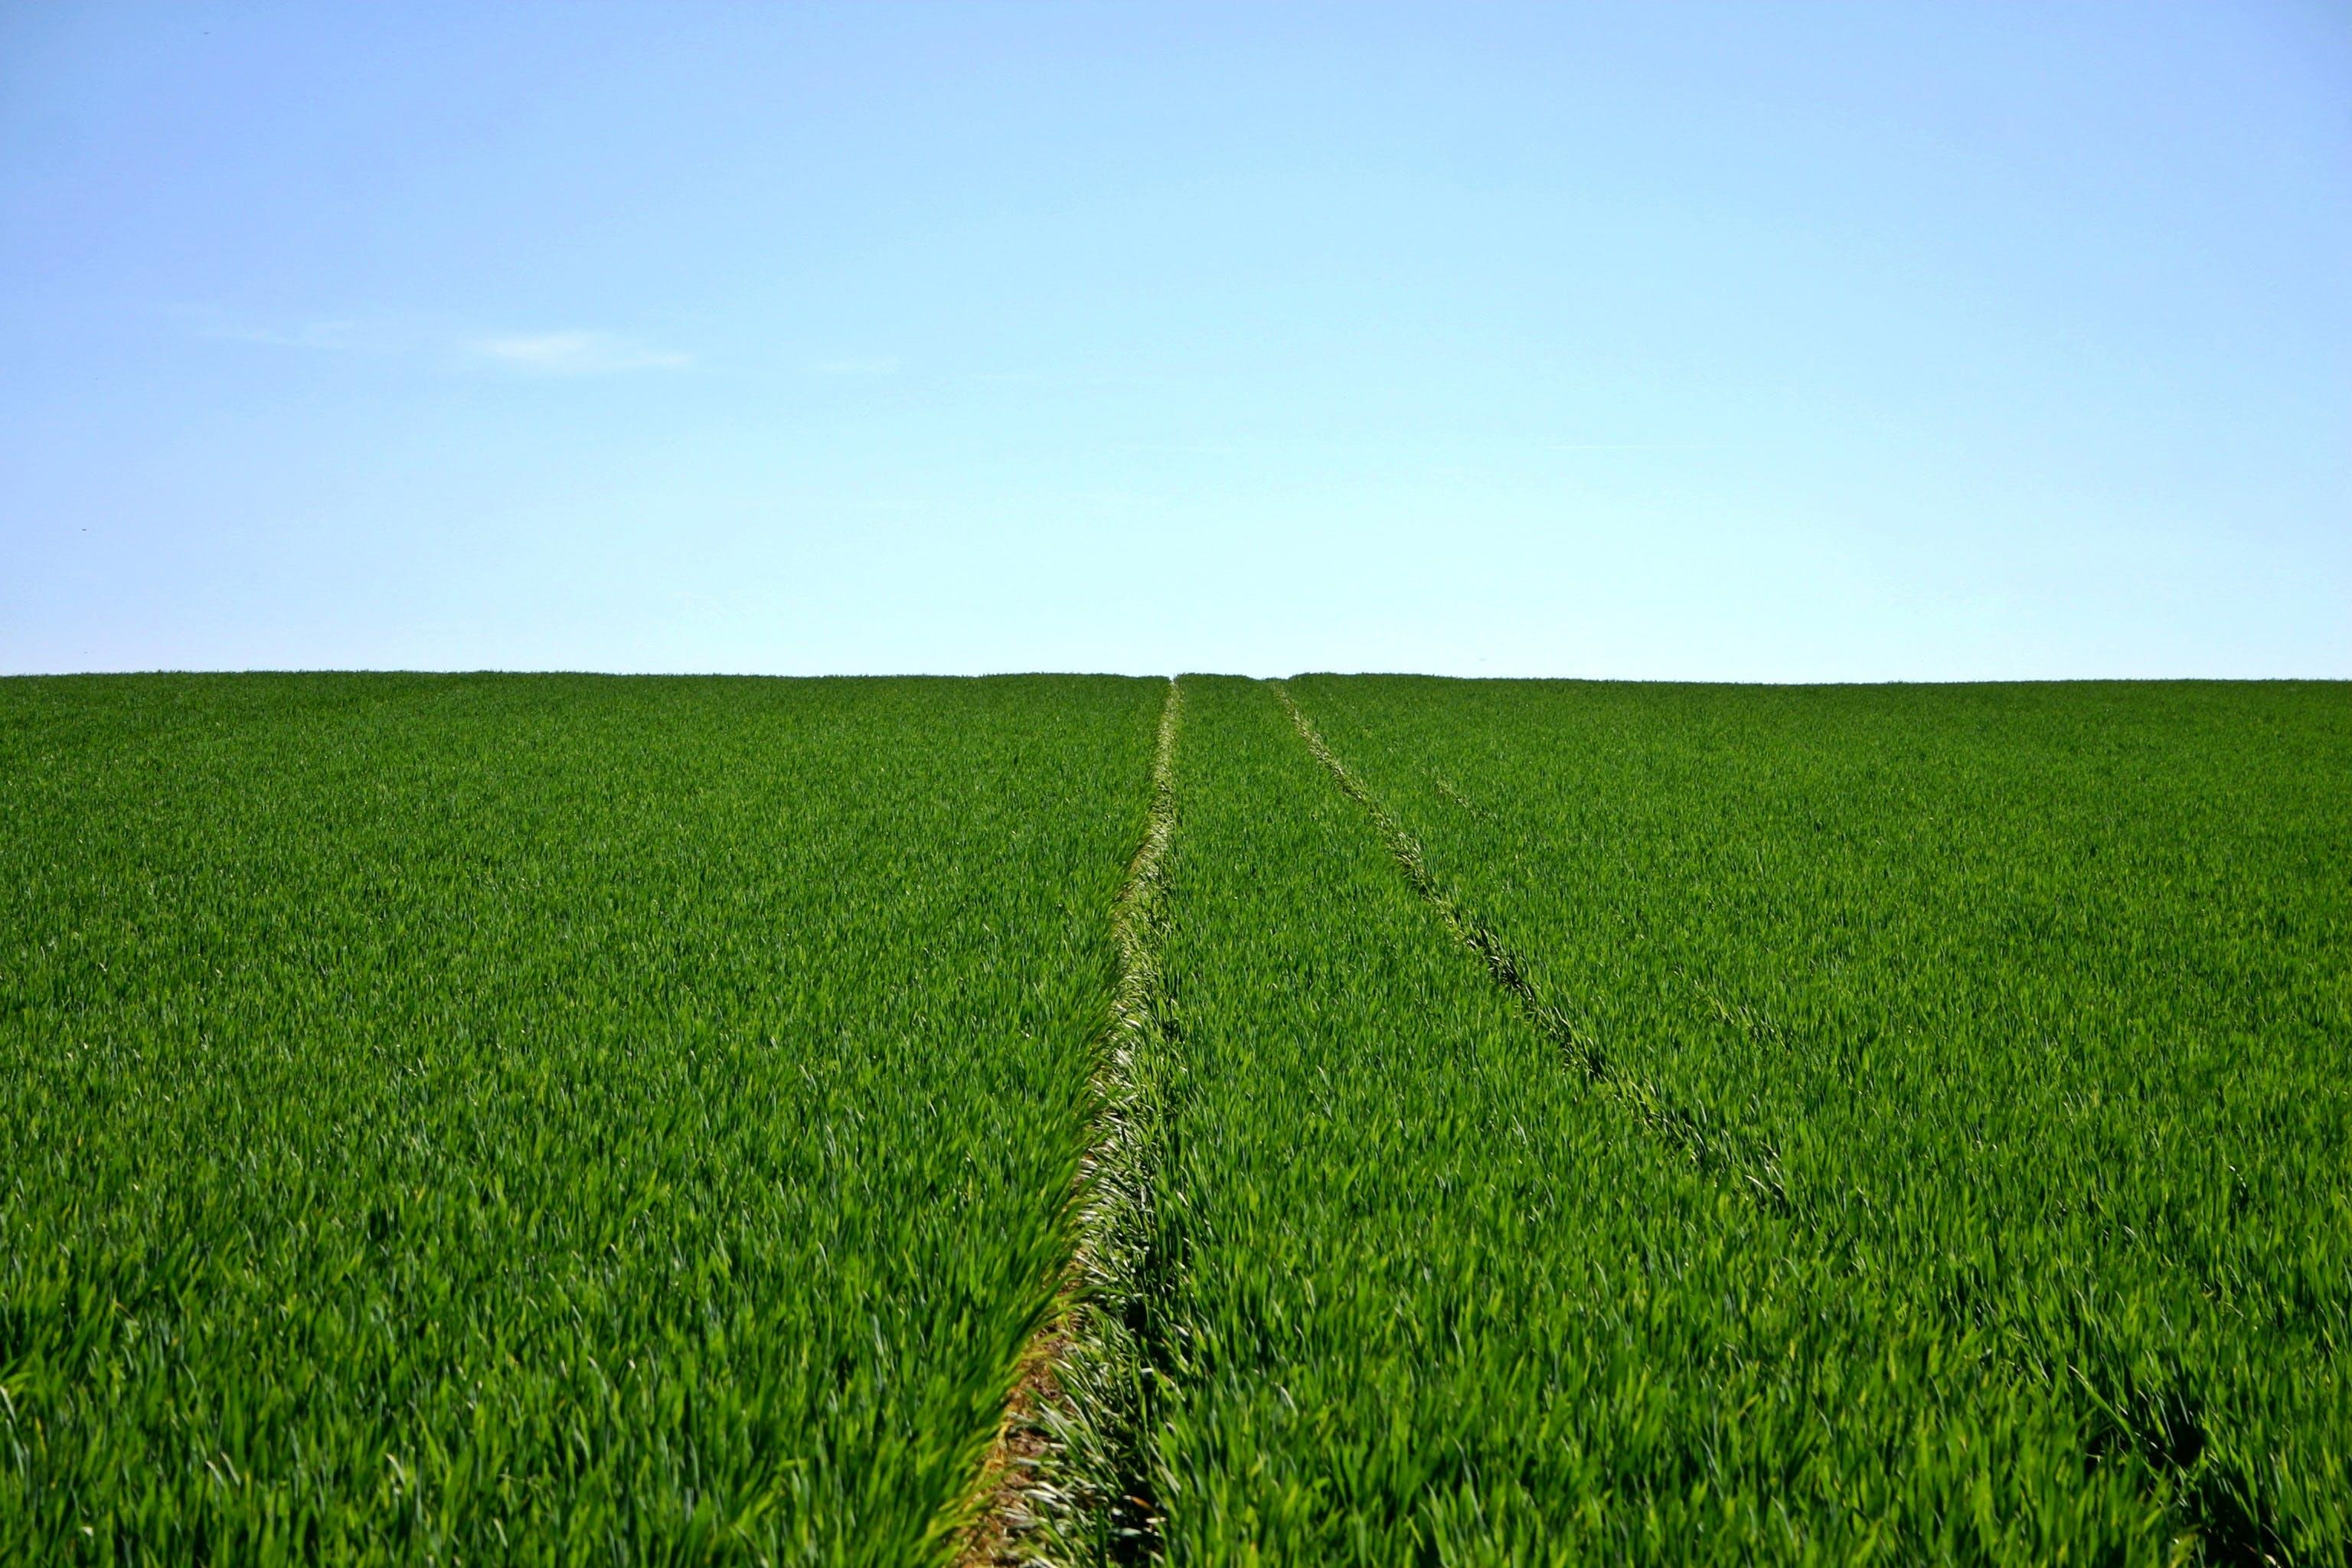 Gratis lagerfoto af bane, græs, grøn, himmel